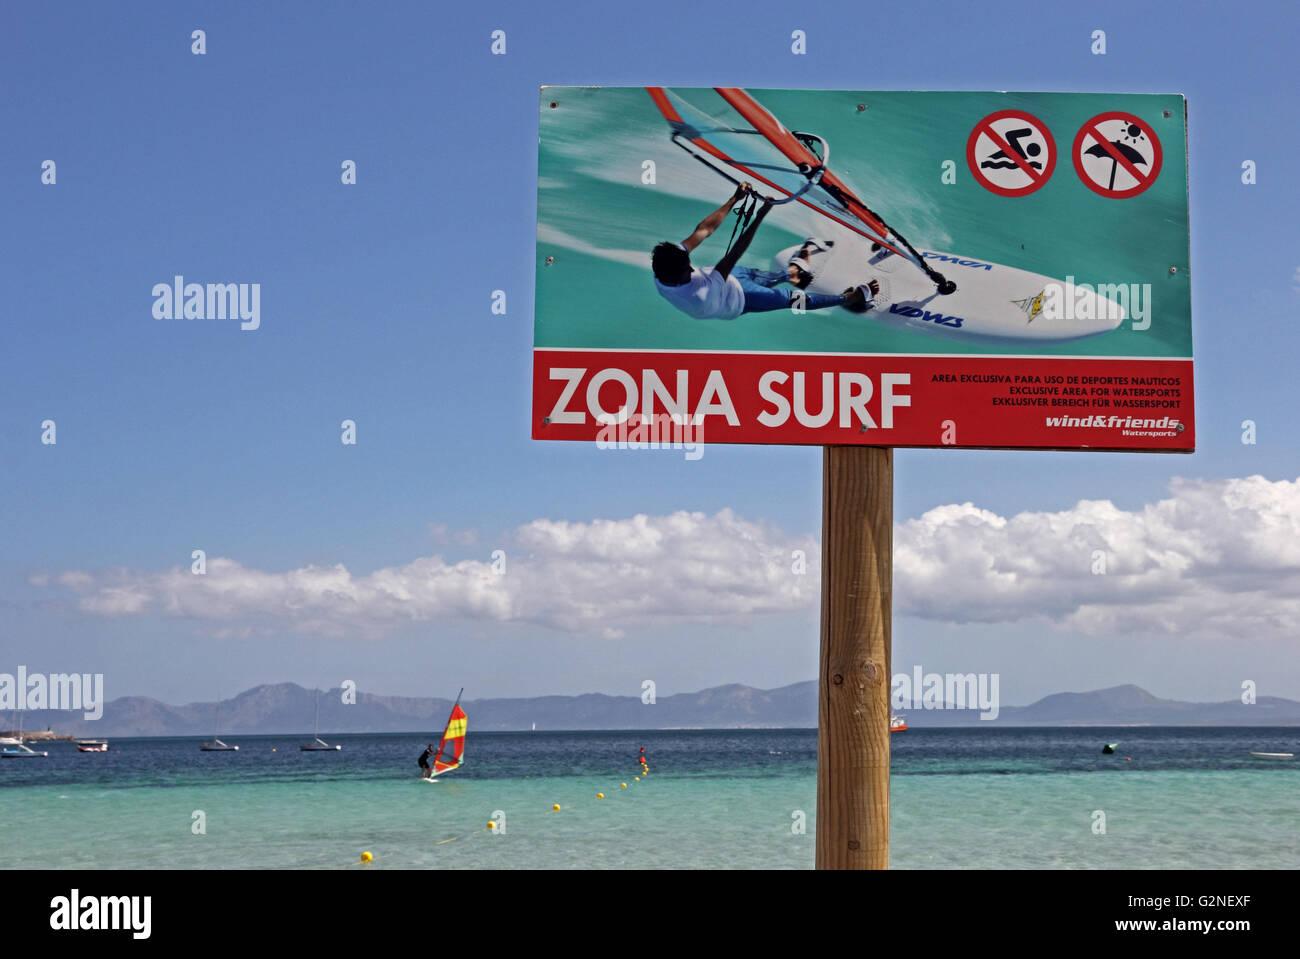 Zona Surf, signe indiquant zone réservée à la planche à voile, planche avec en arrière Photo Stock